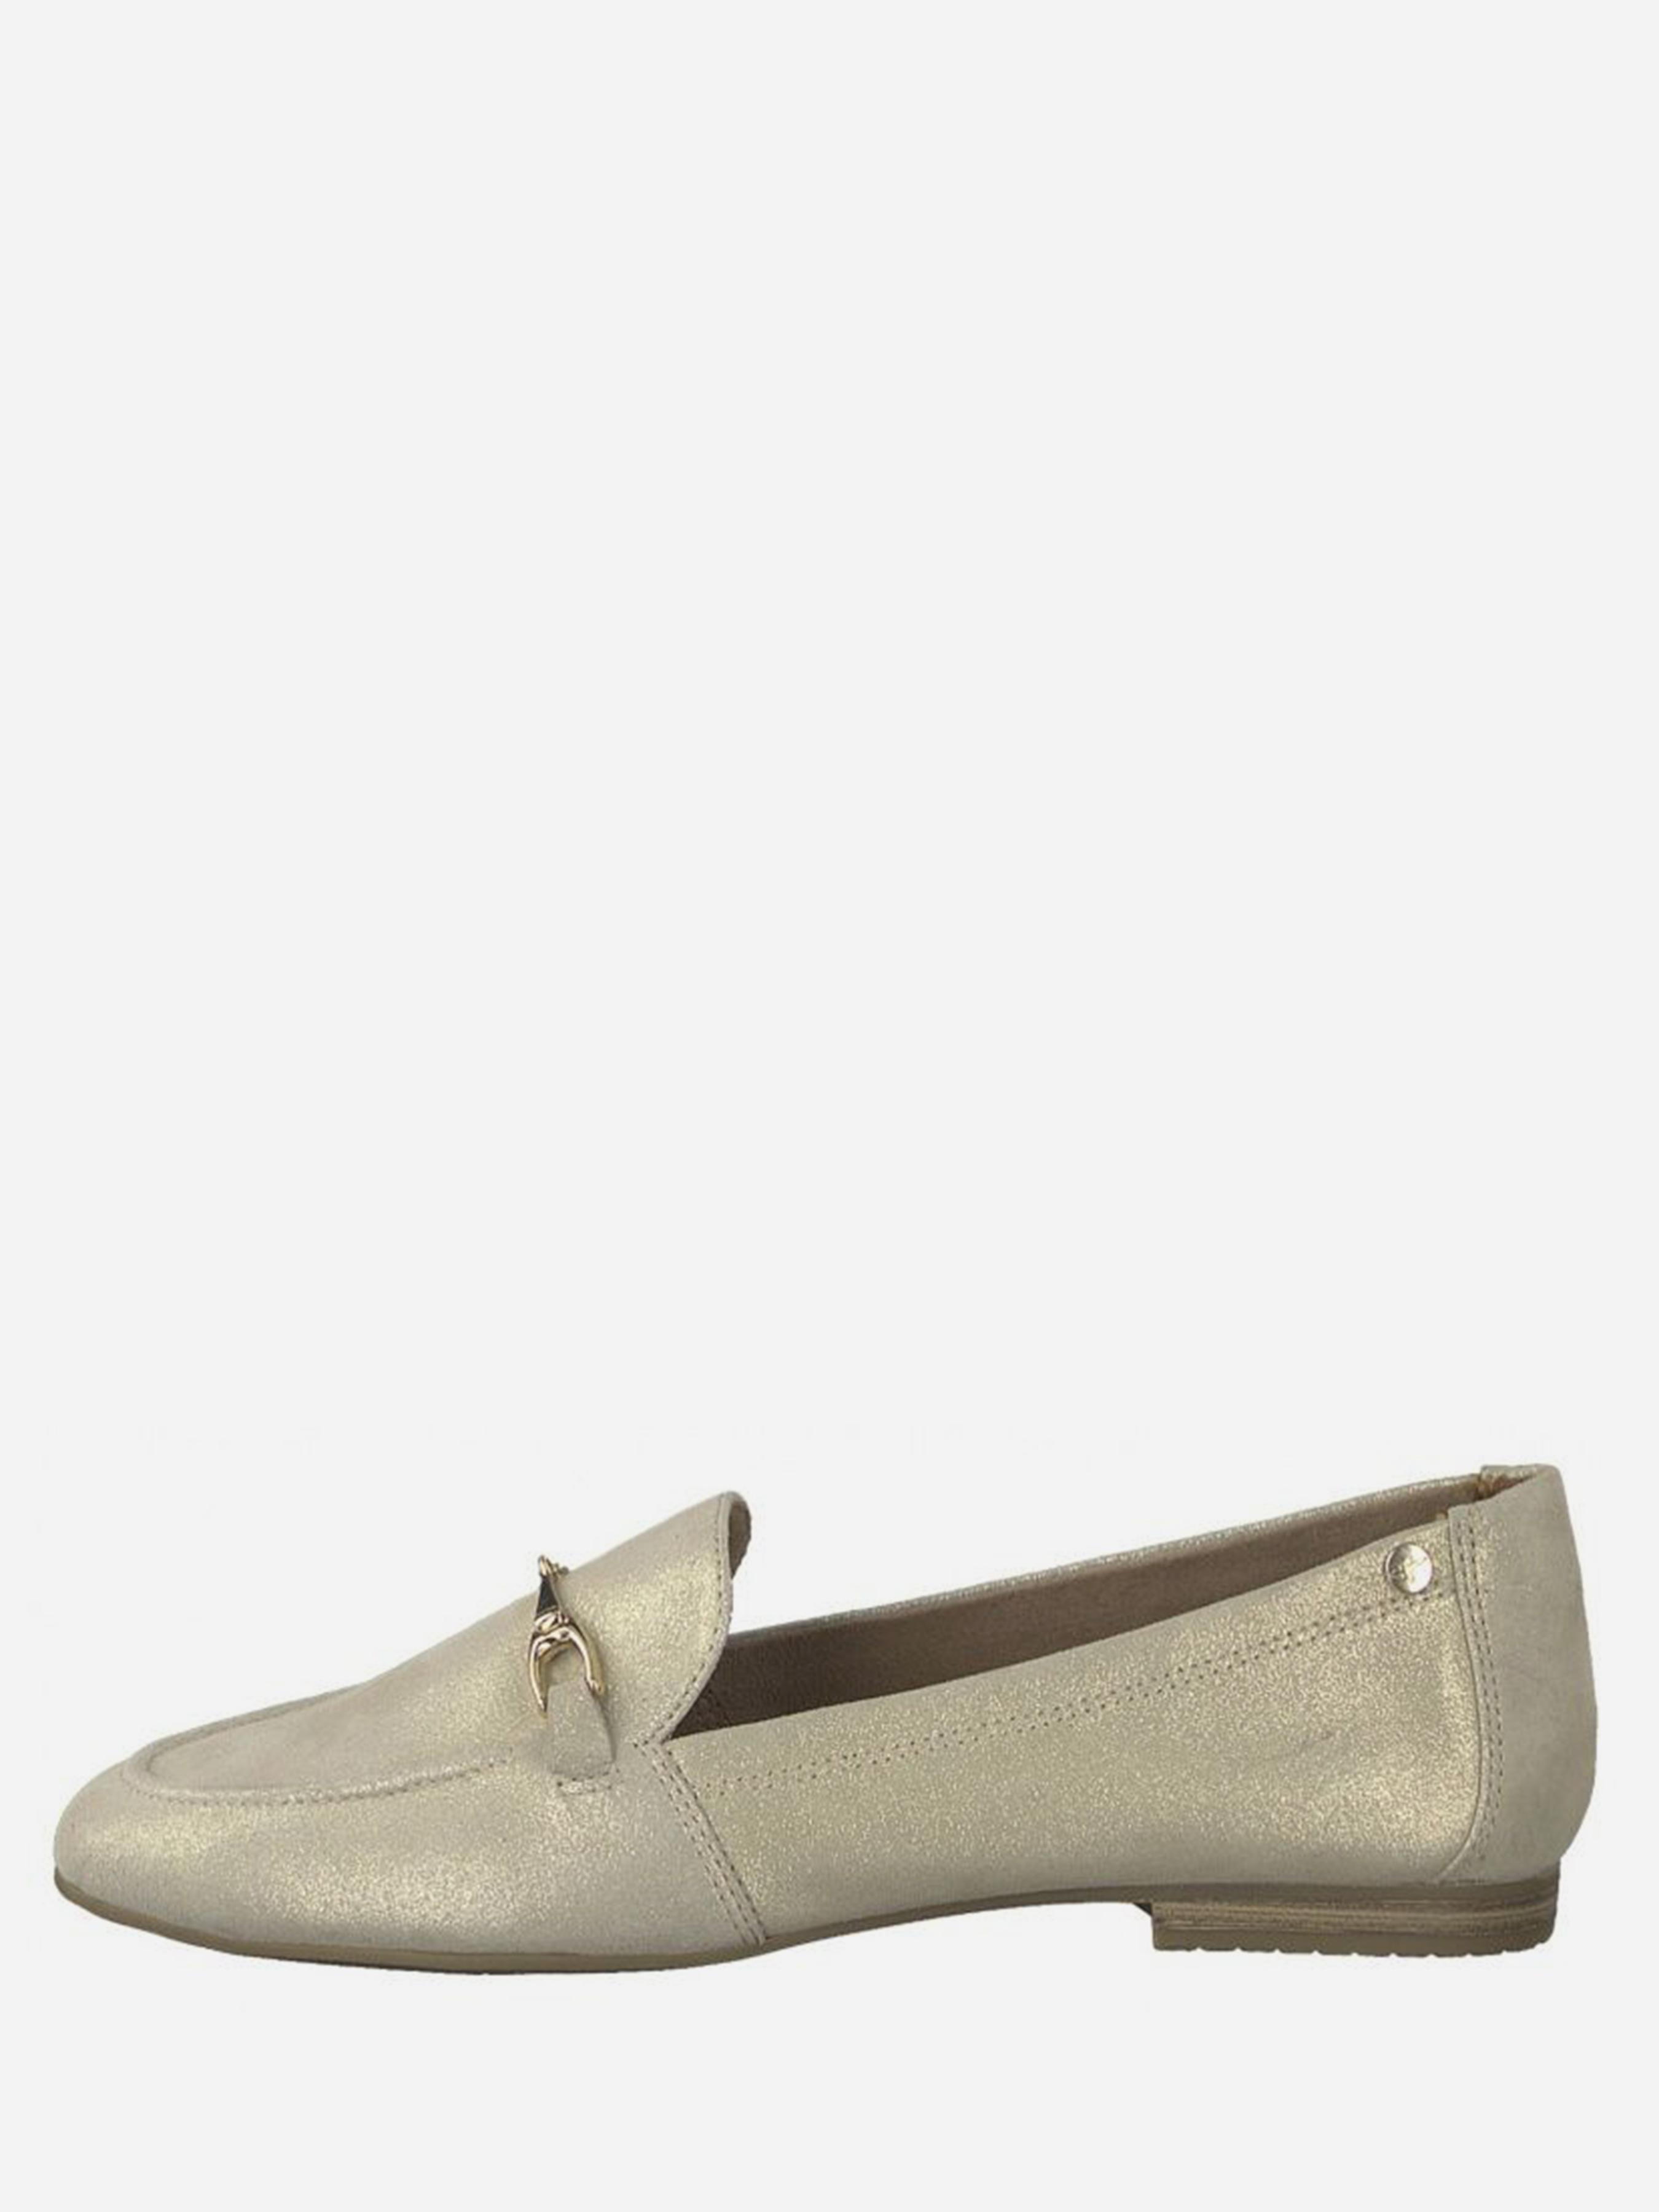 Туфли для женщин Tamaris IS516 цена, 2017